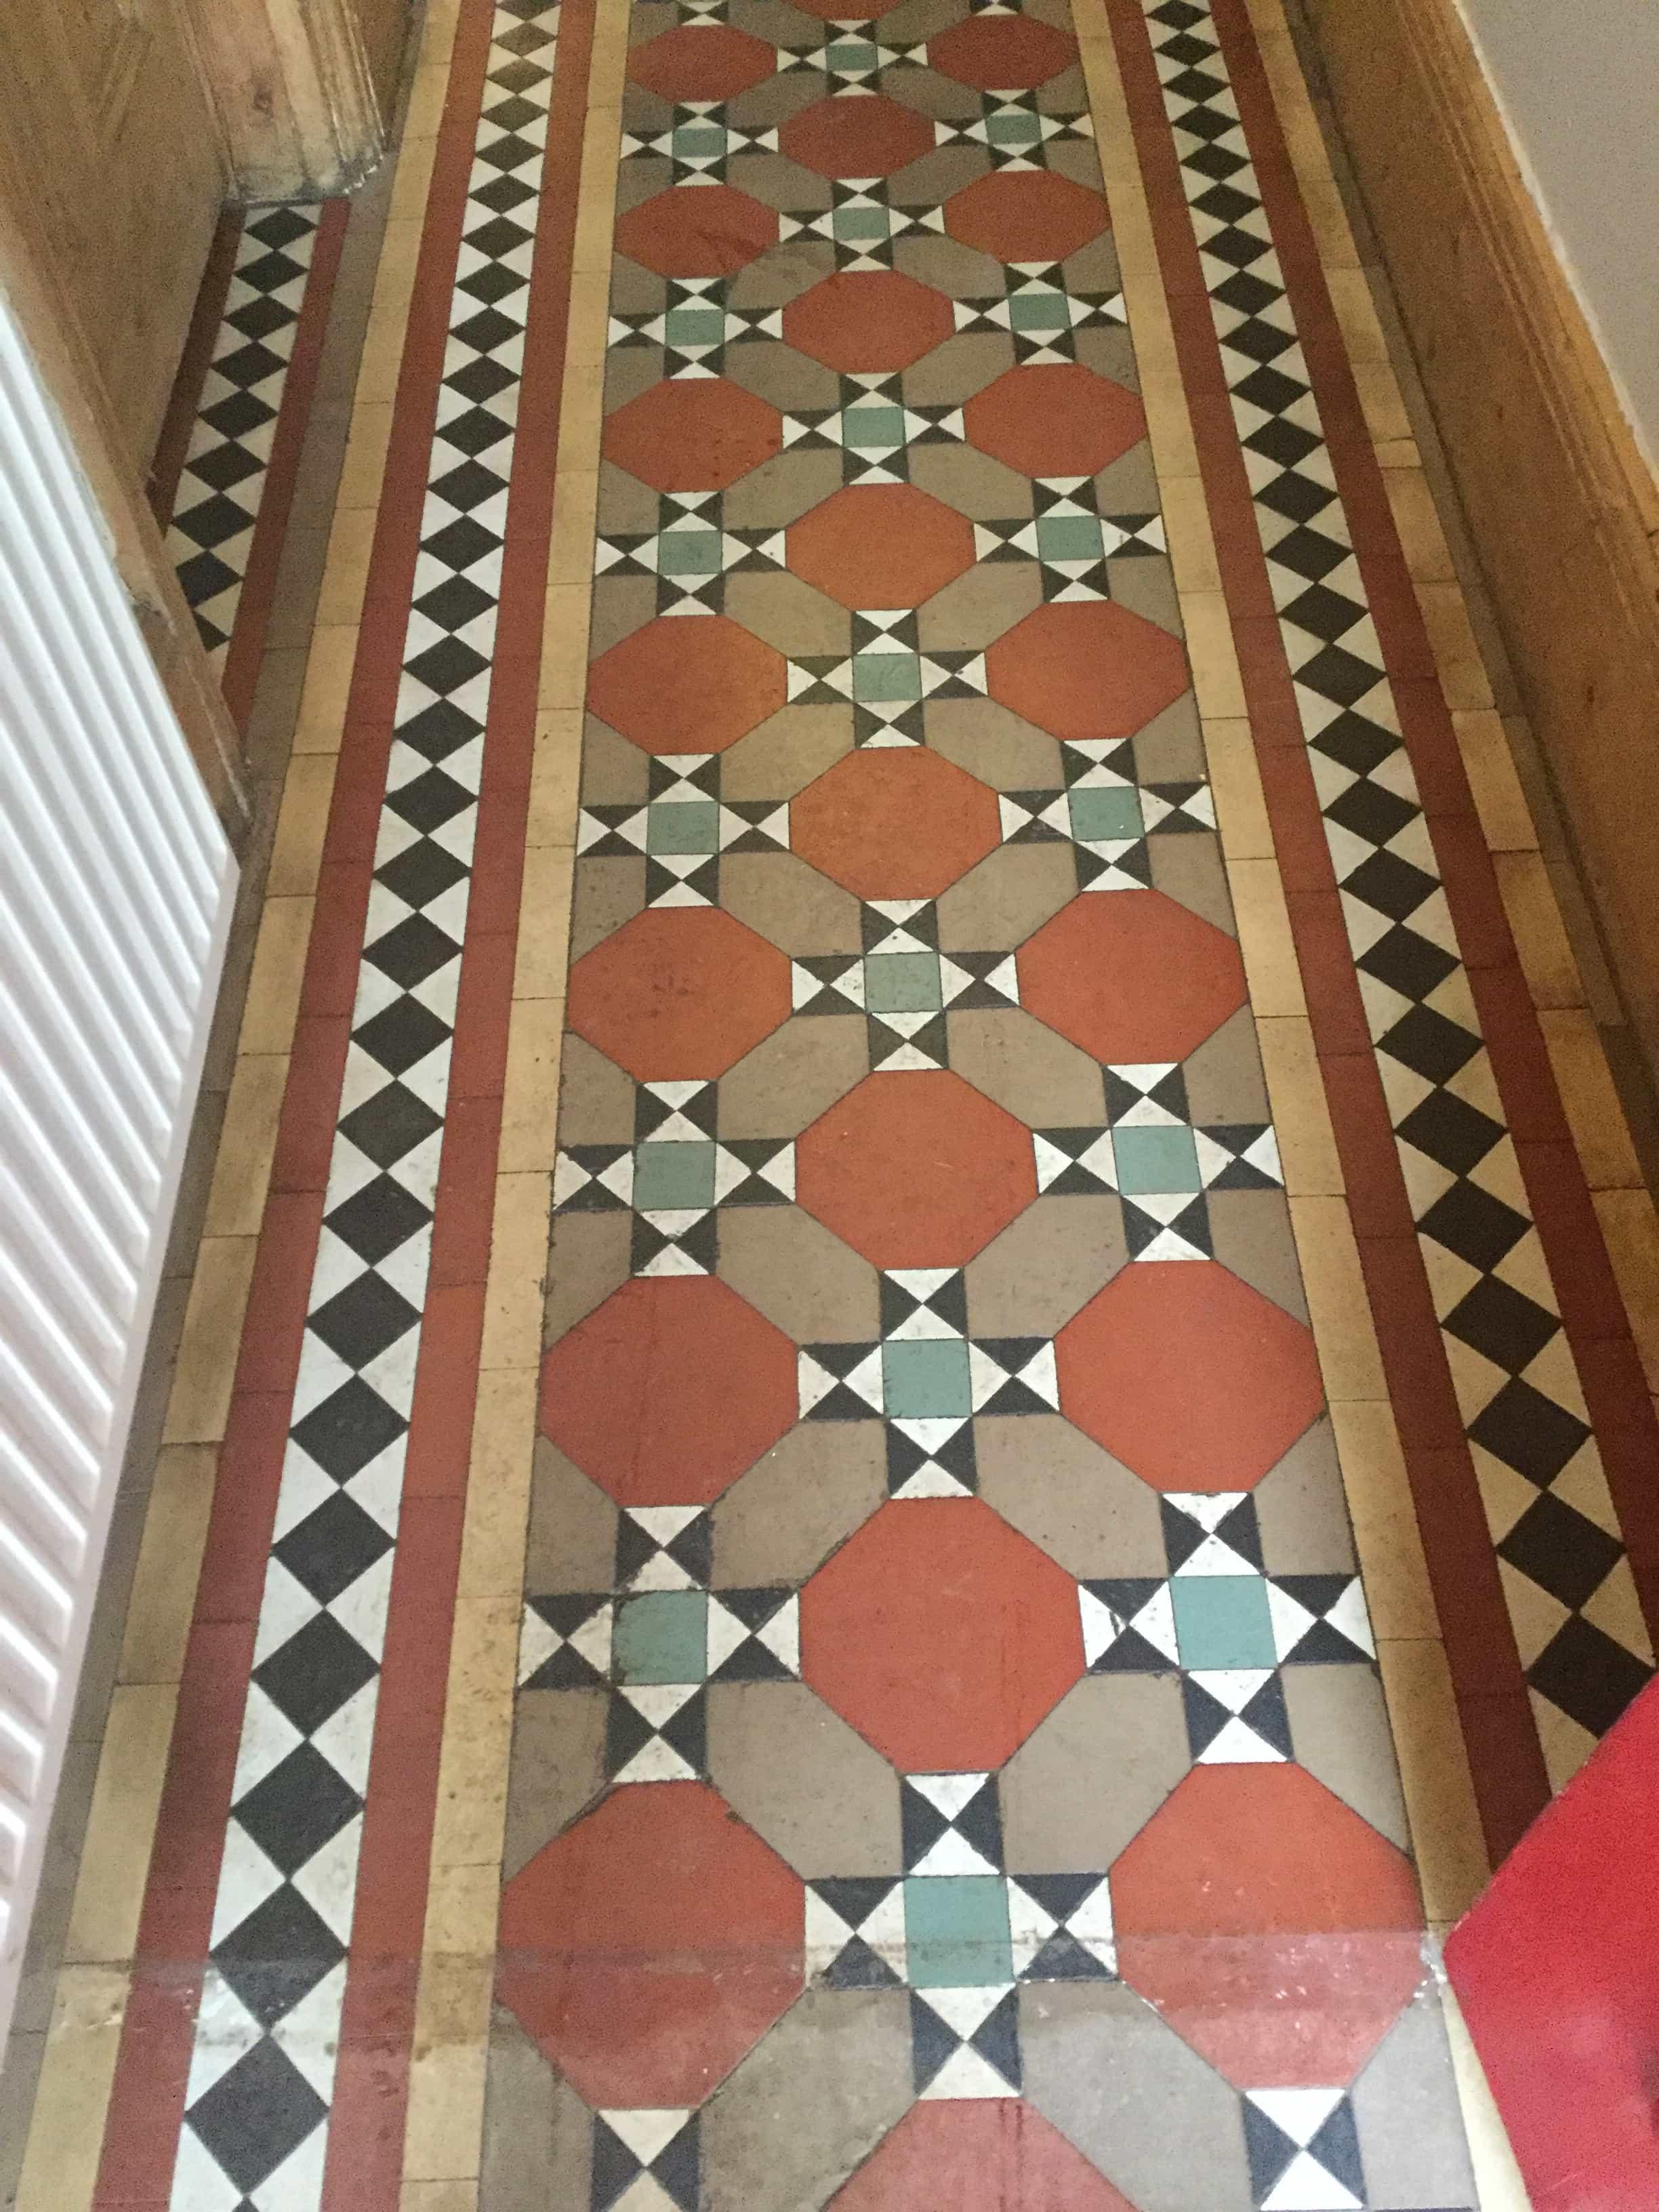 Victorian Tiled Hallway Floor Wellingborough Before Restoration